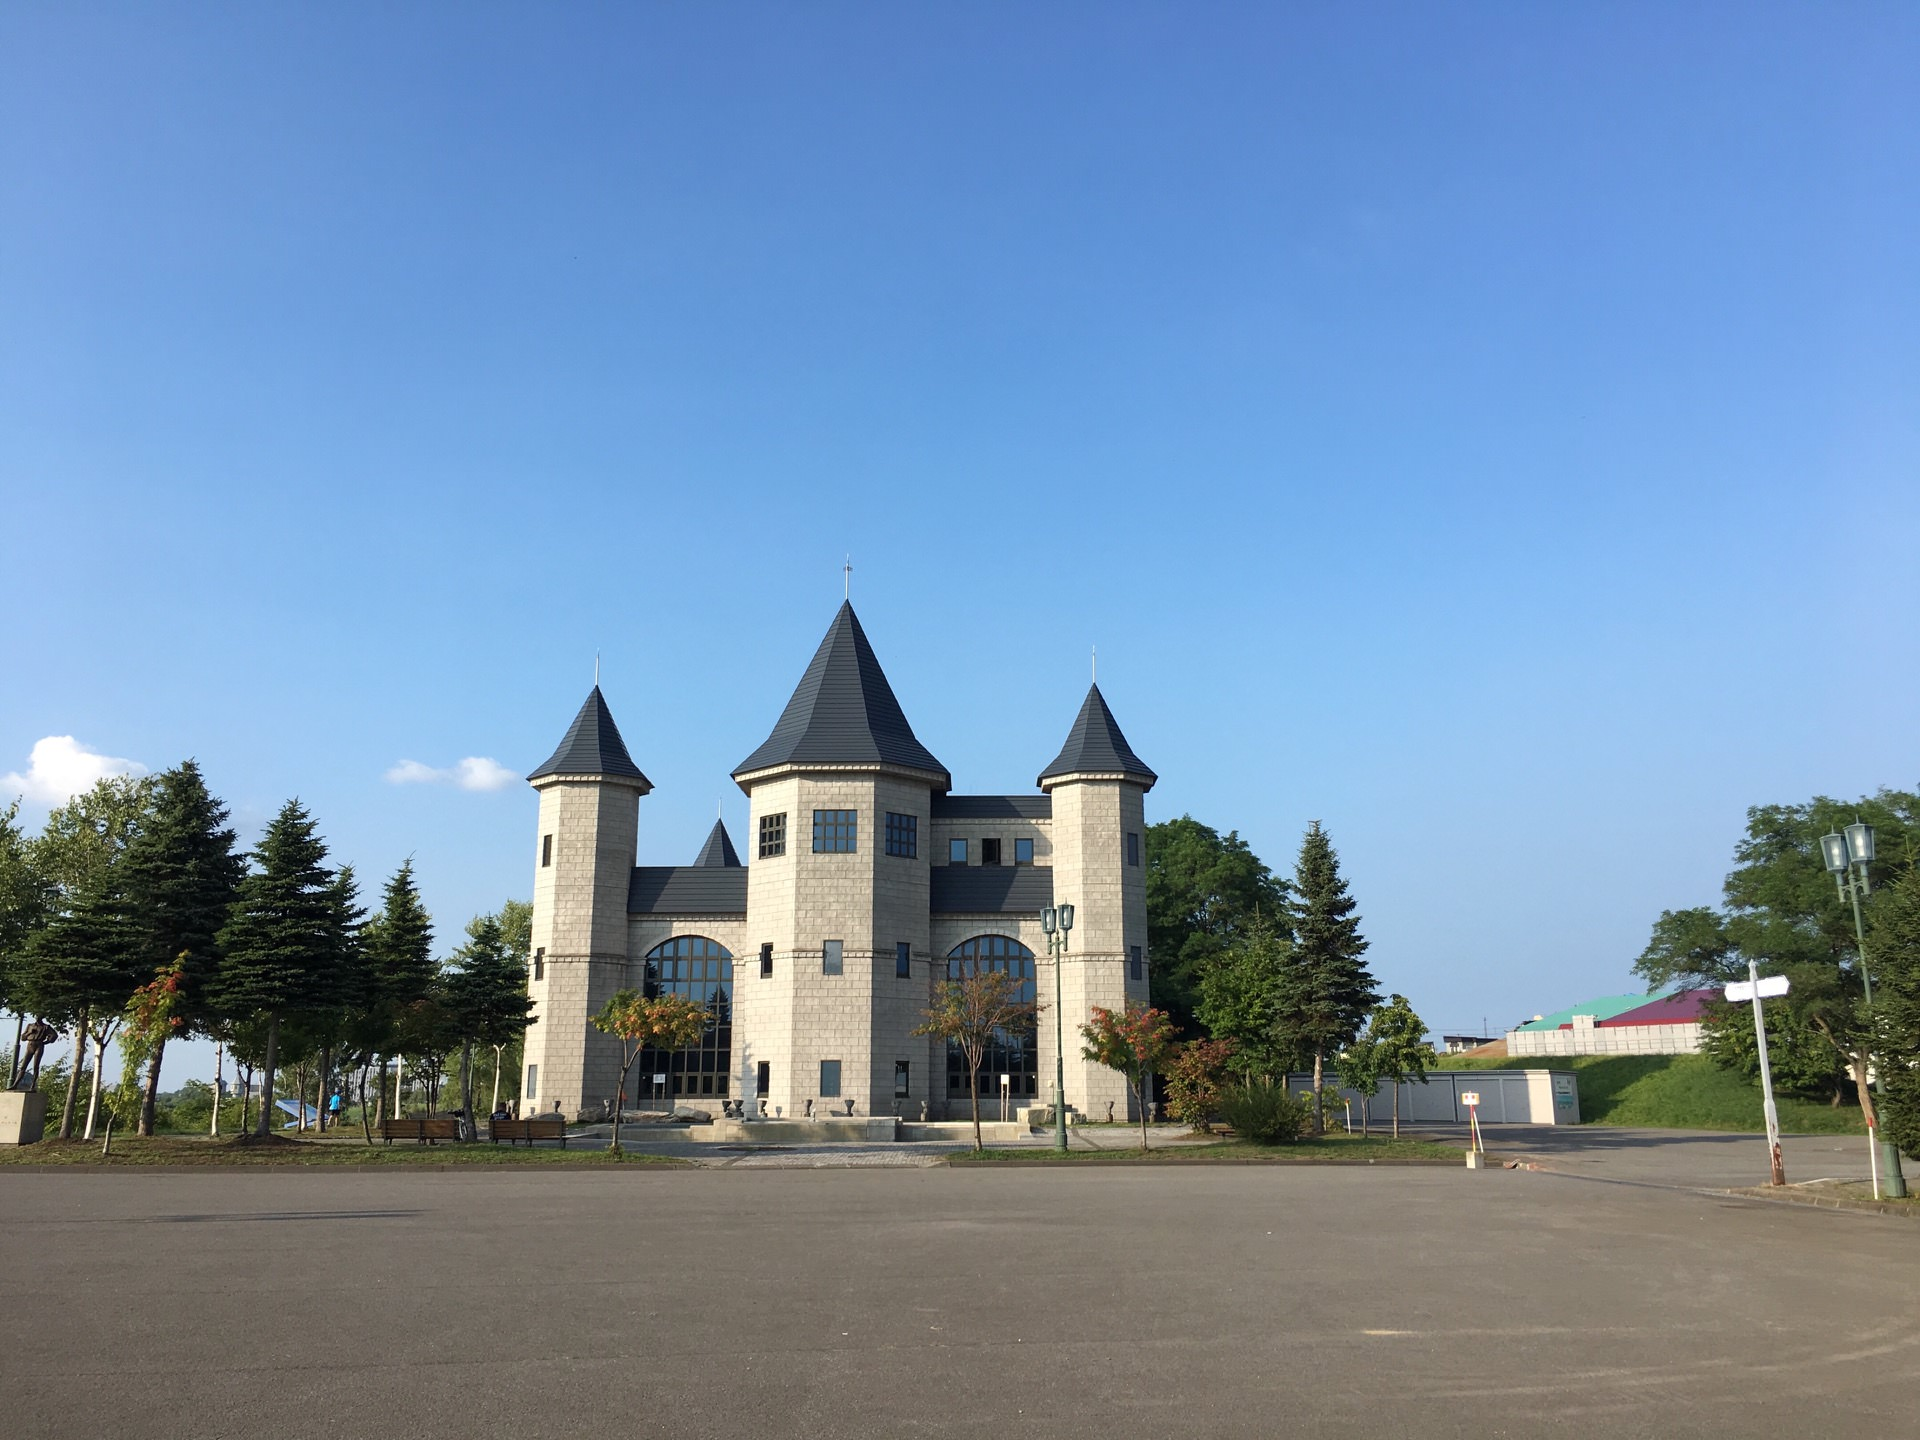 北海道砂川市景點、美食分享